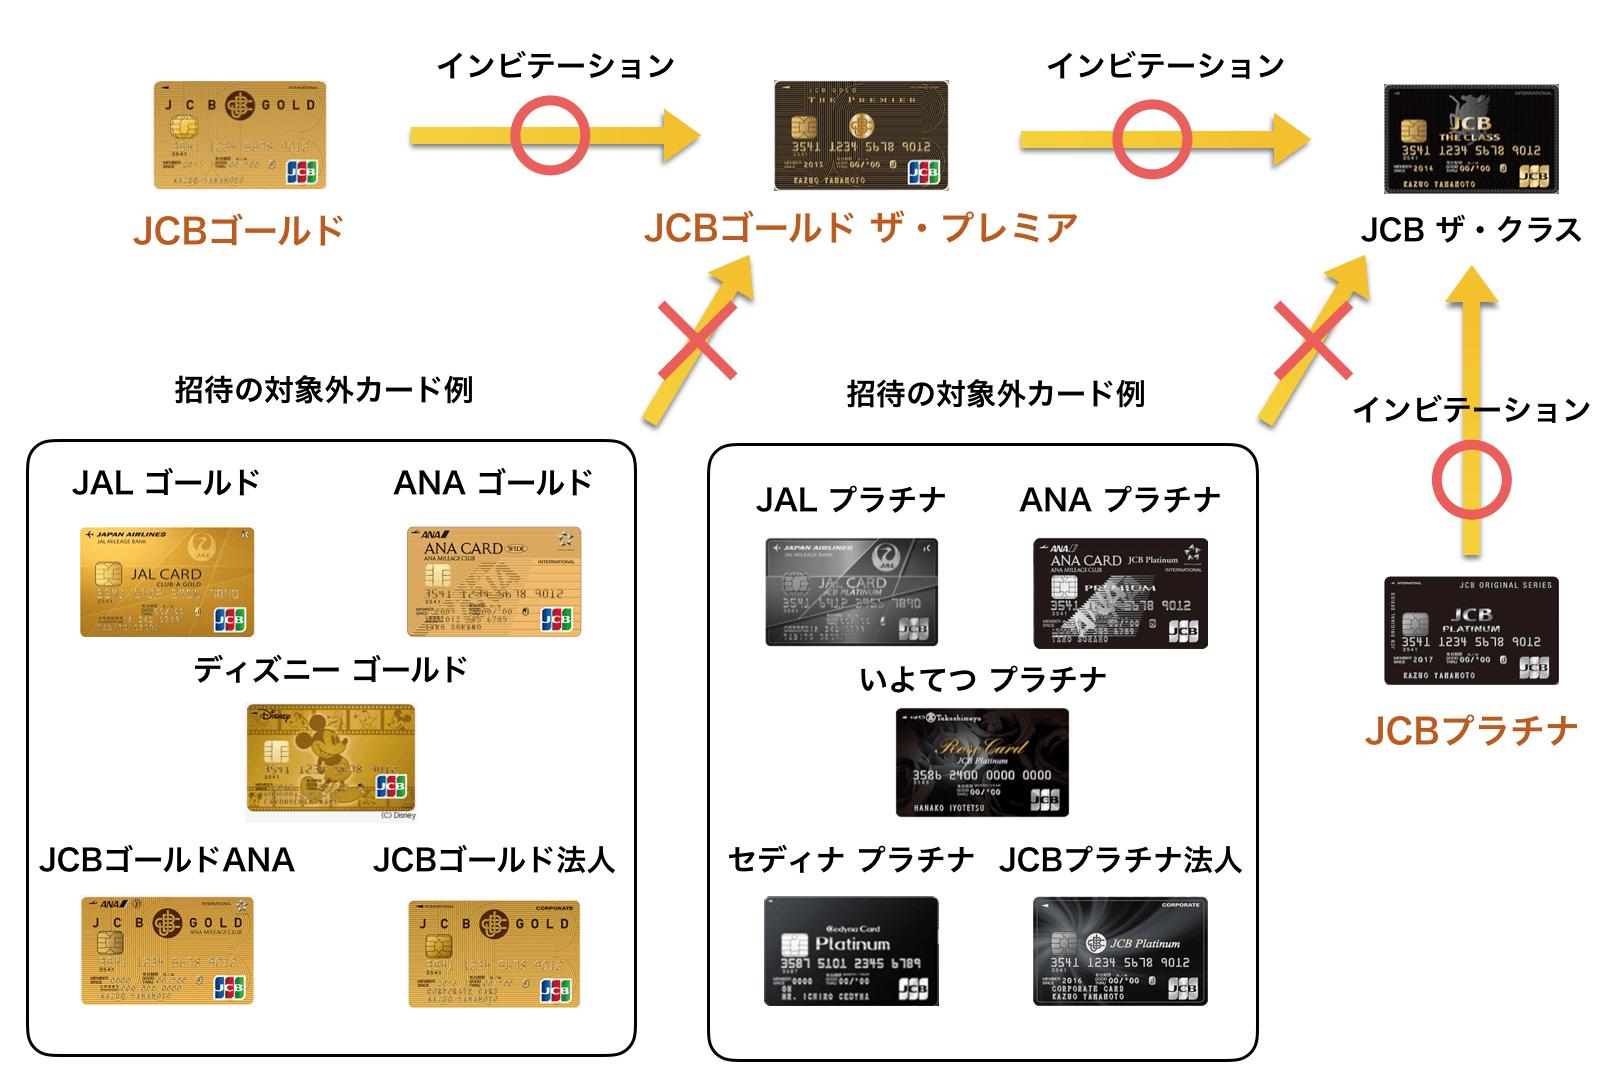 JCBゴールド招待の対象カード・対象外カード